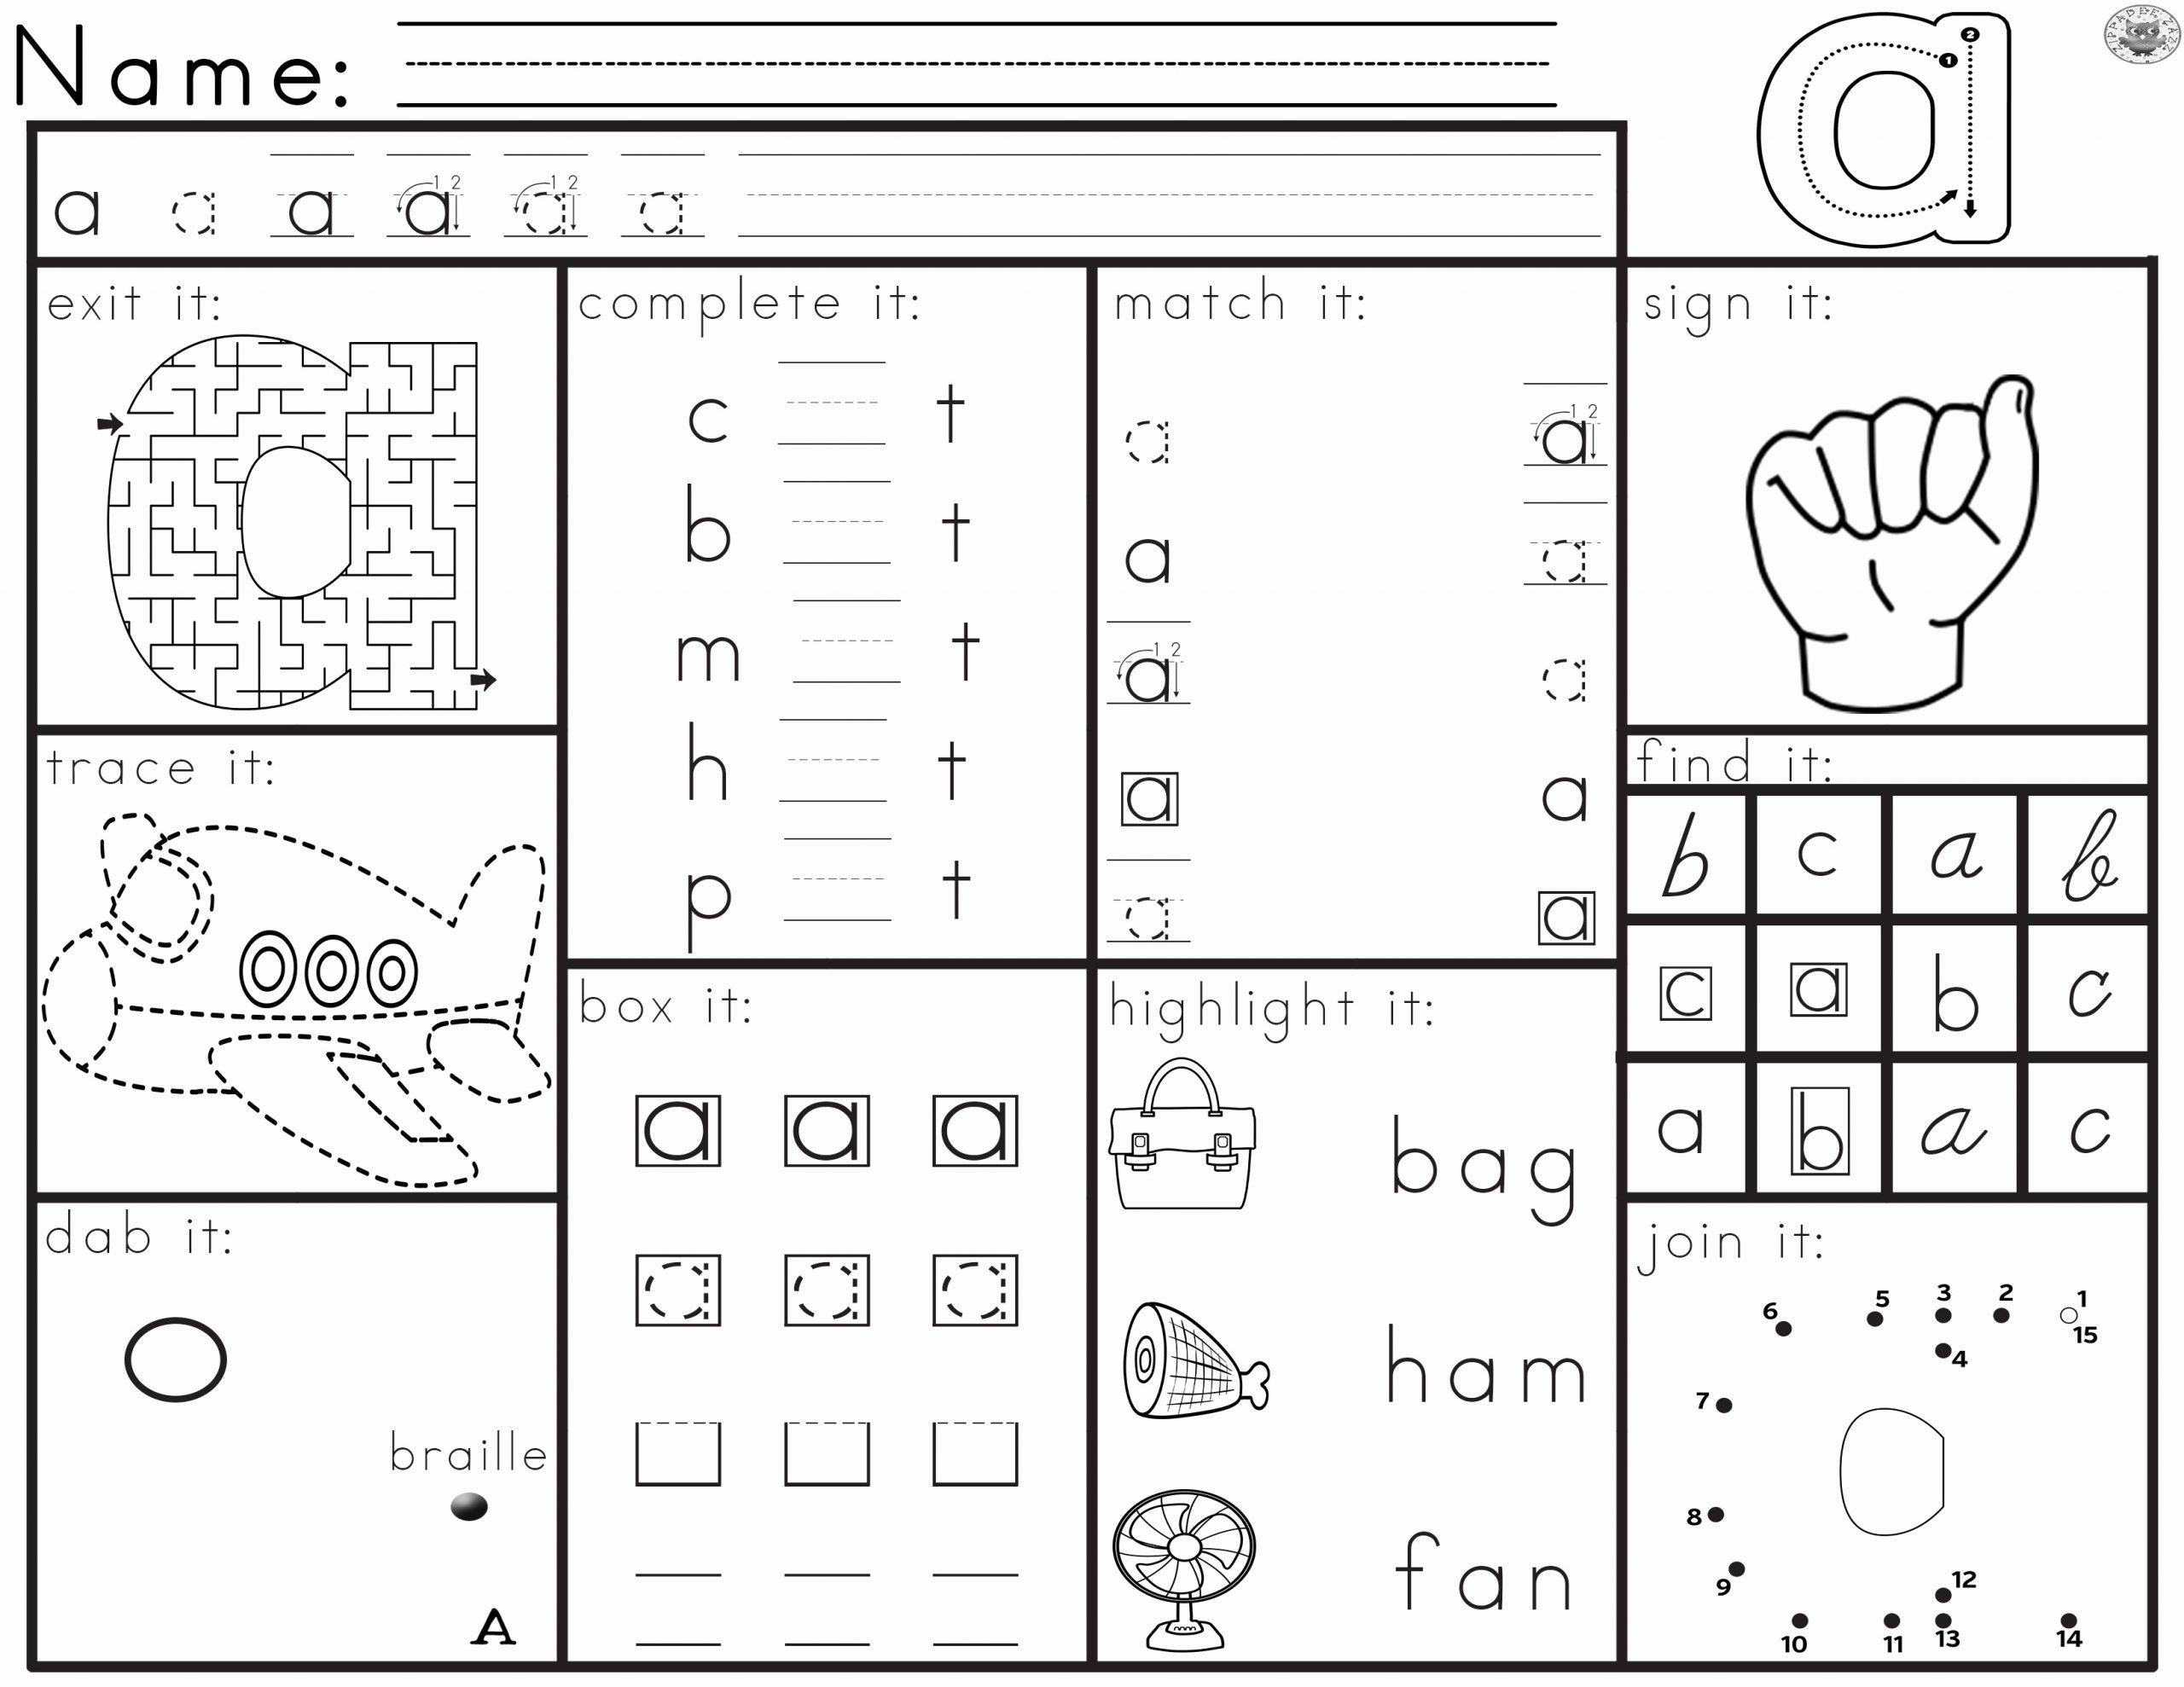 Letter Recognition Worksheets for Kindergarten Lovely Worksheets for Letter Recognition